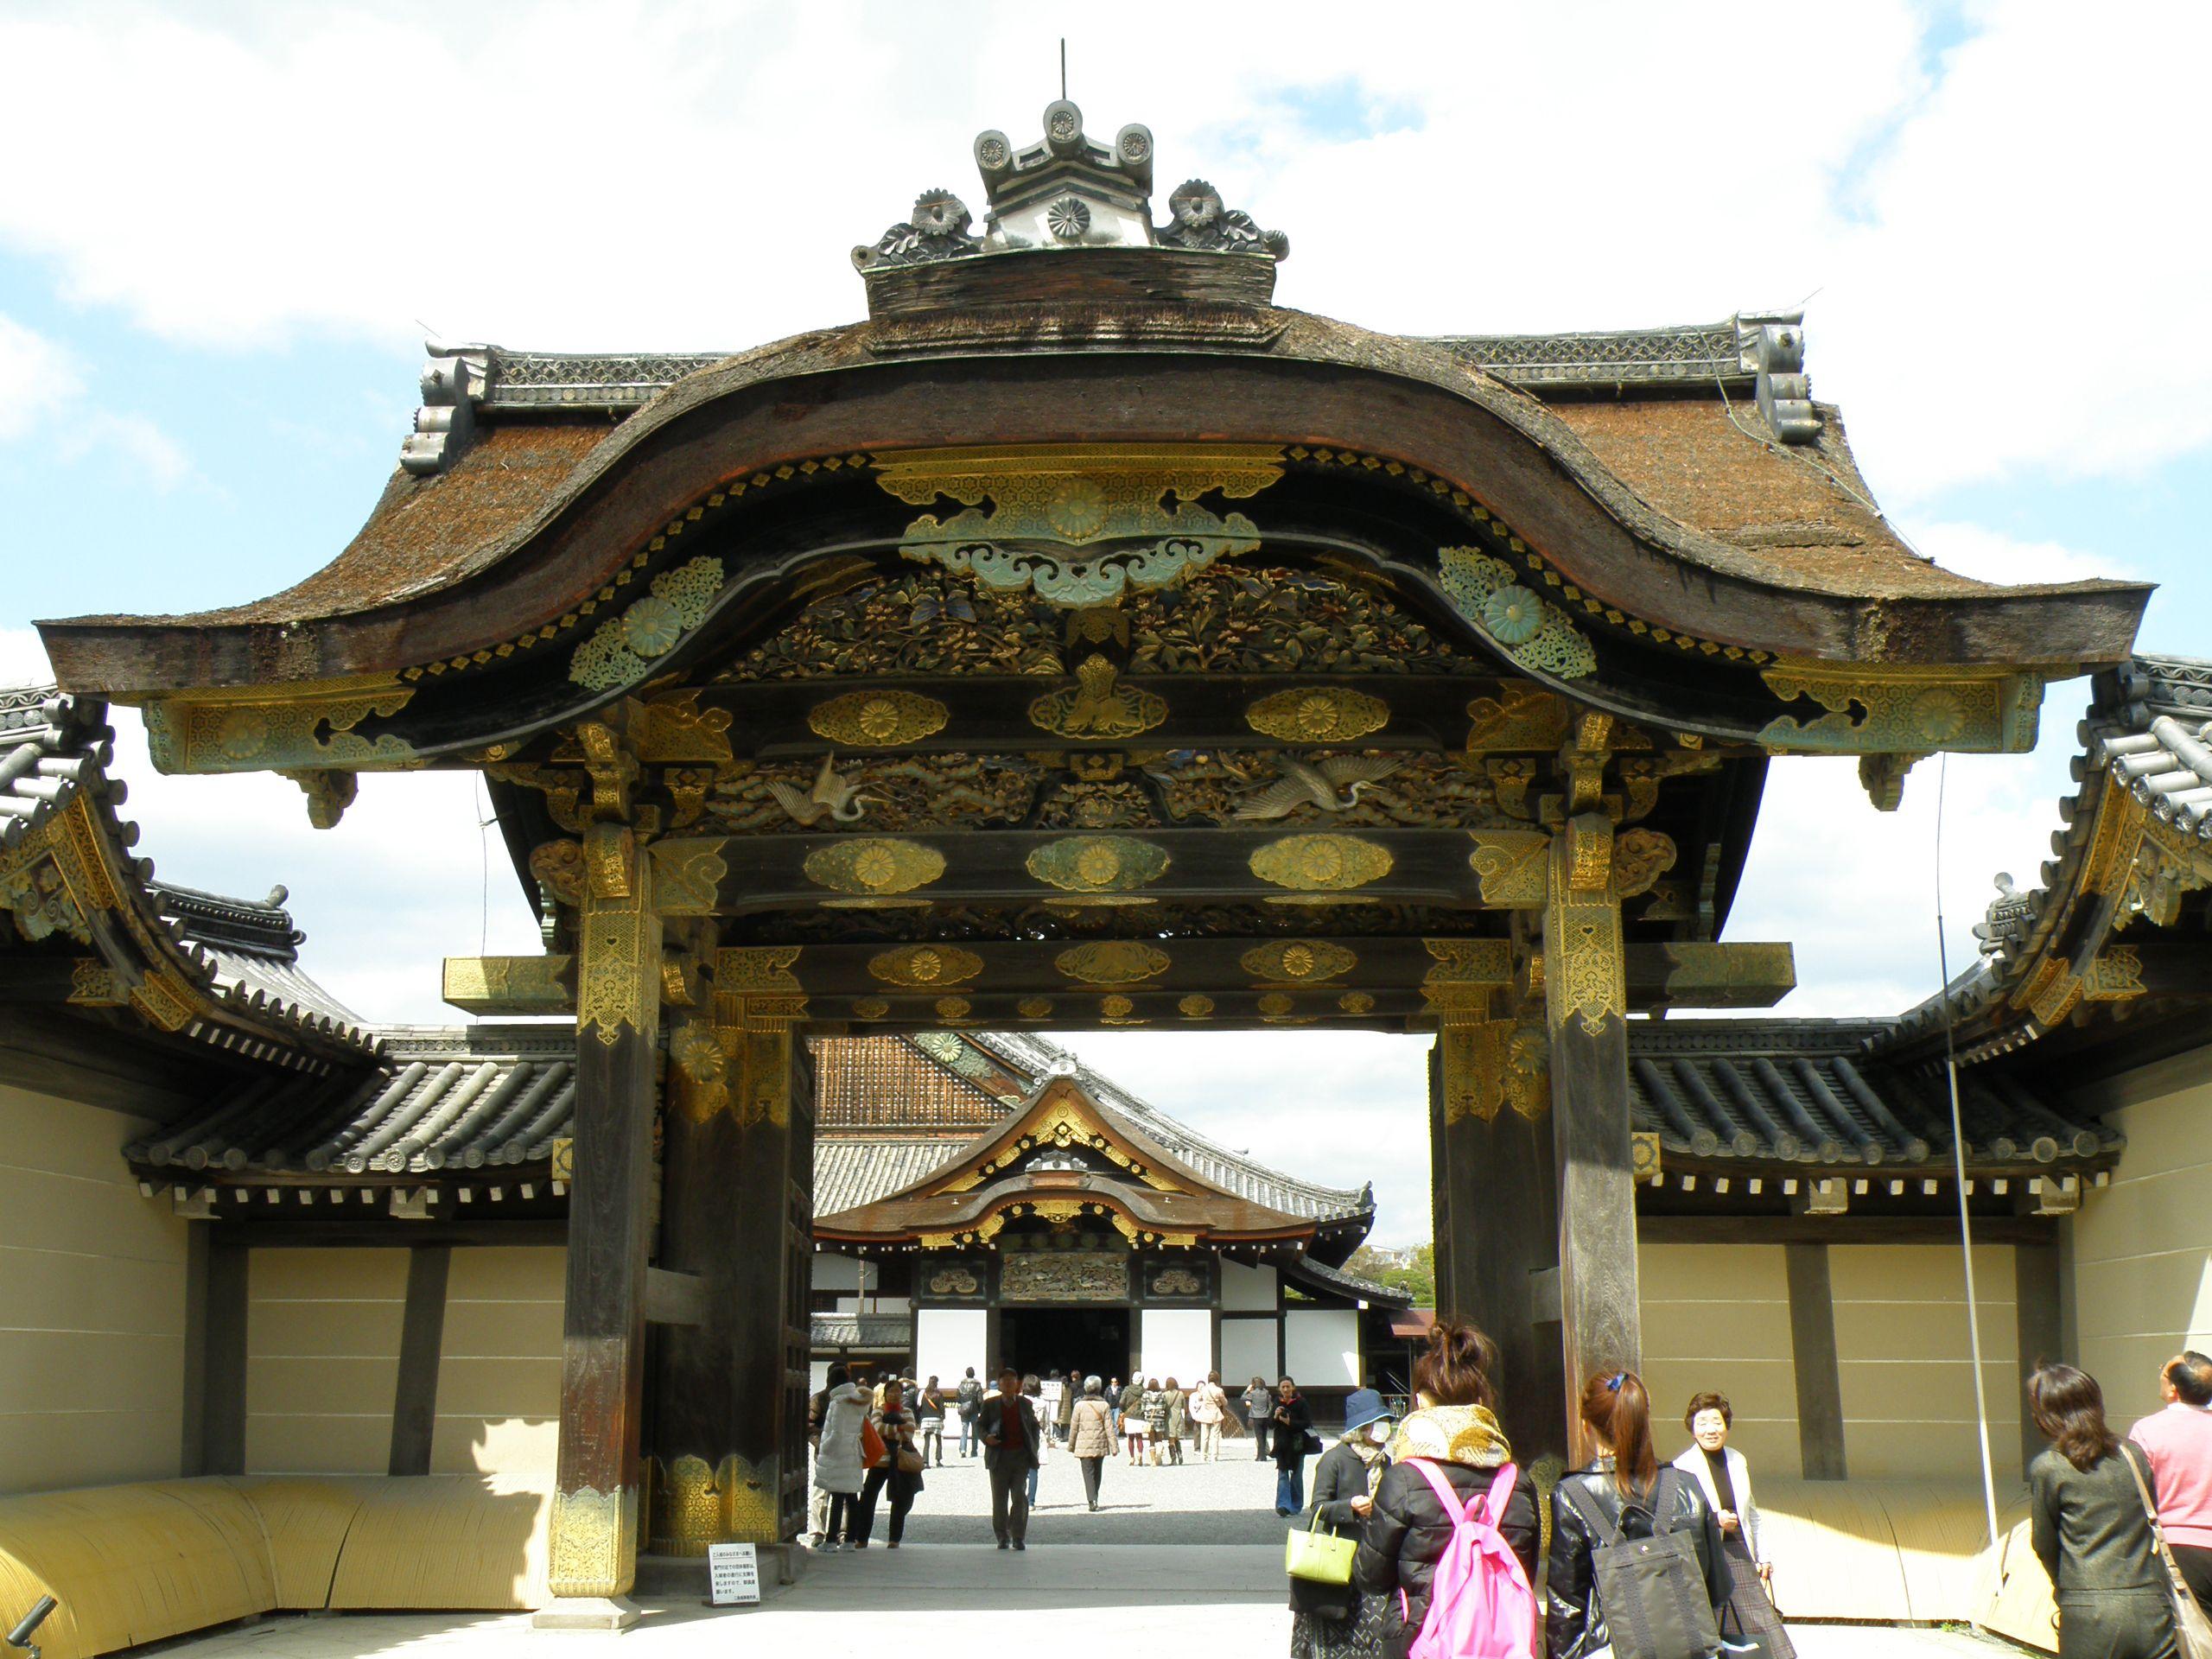 Castillo Nijo Kioto Japon Nijo Castle Kyoto Japan  # Puka Muebles Oriente